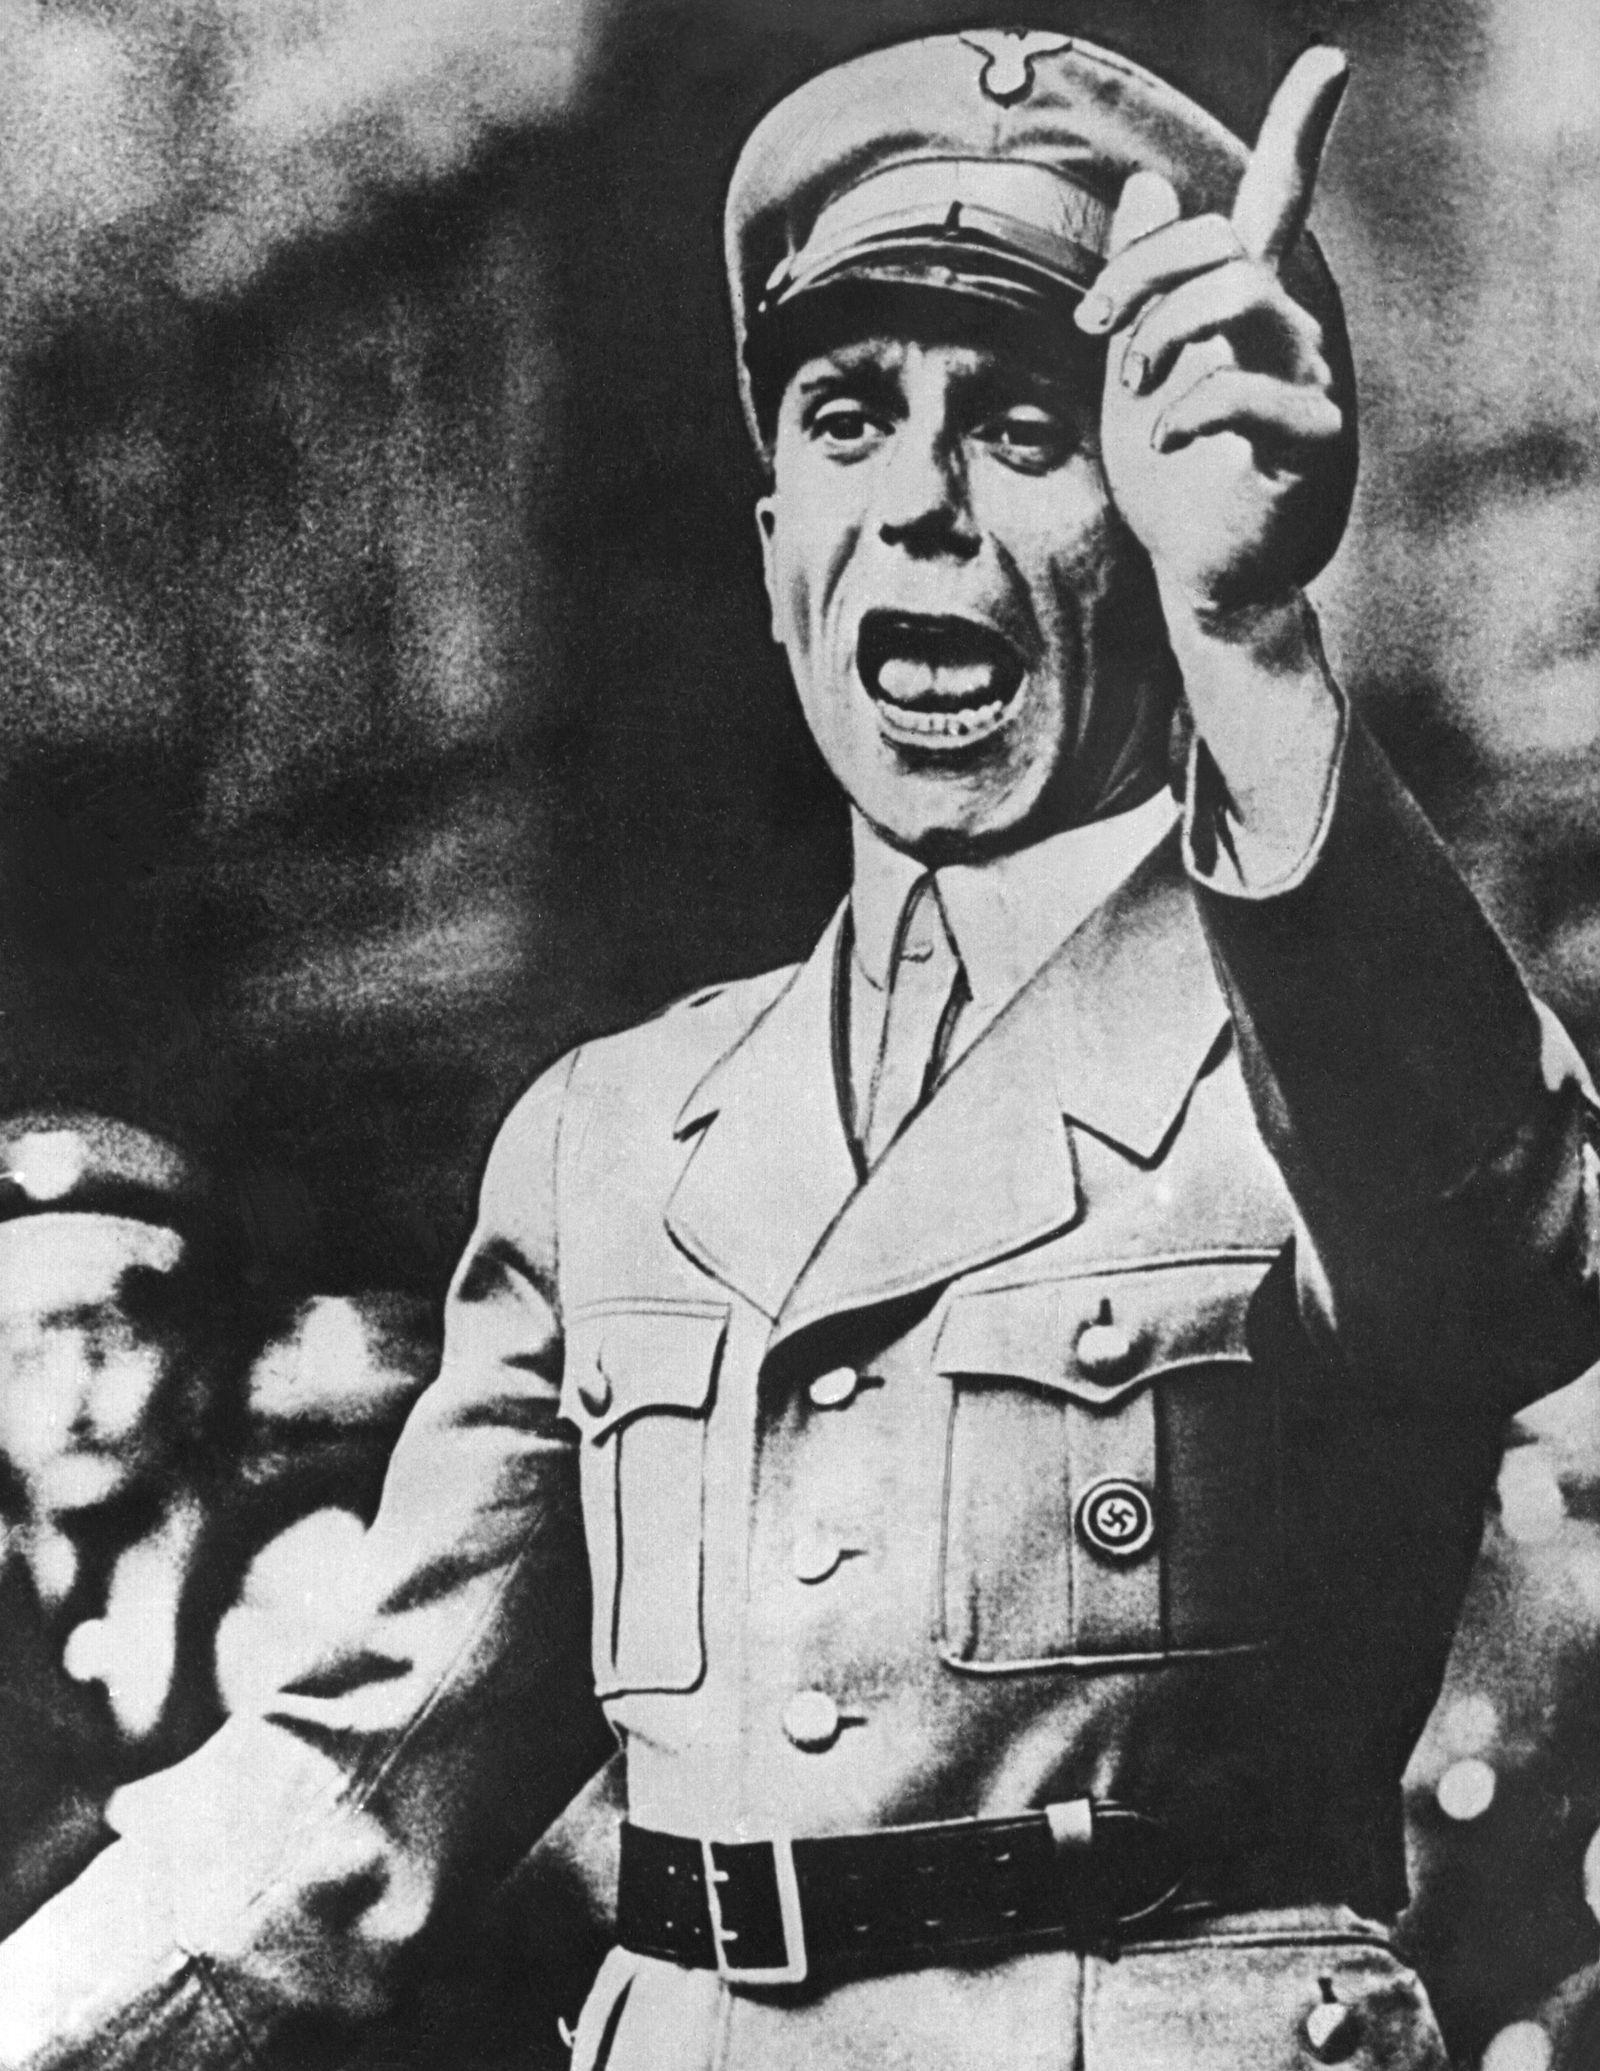 NUR FÜR EINESTAGES - Joseph Goebbels